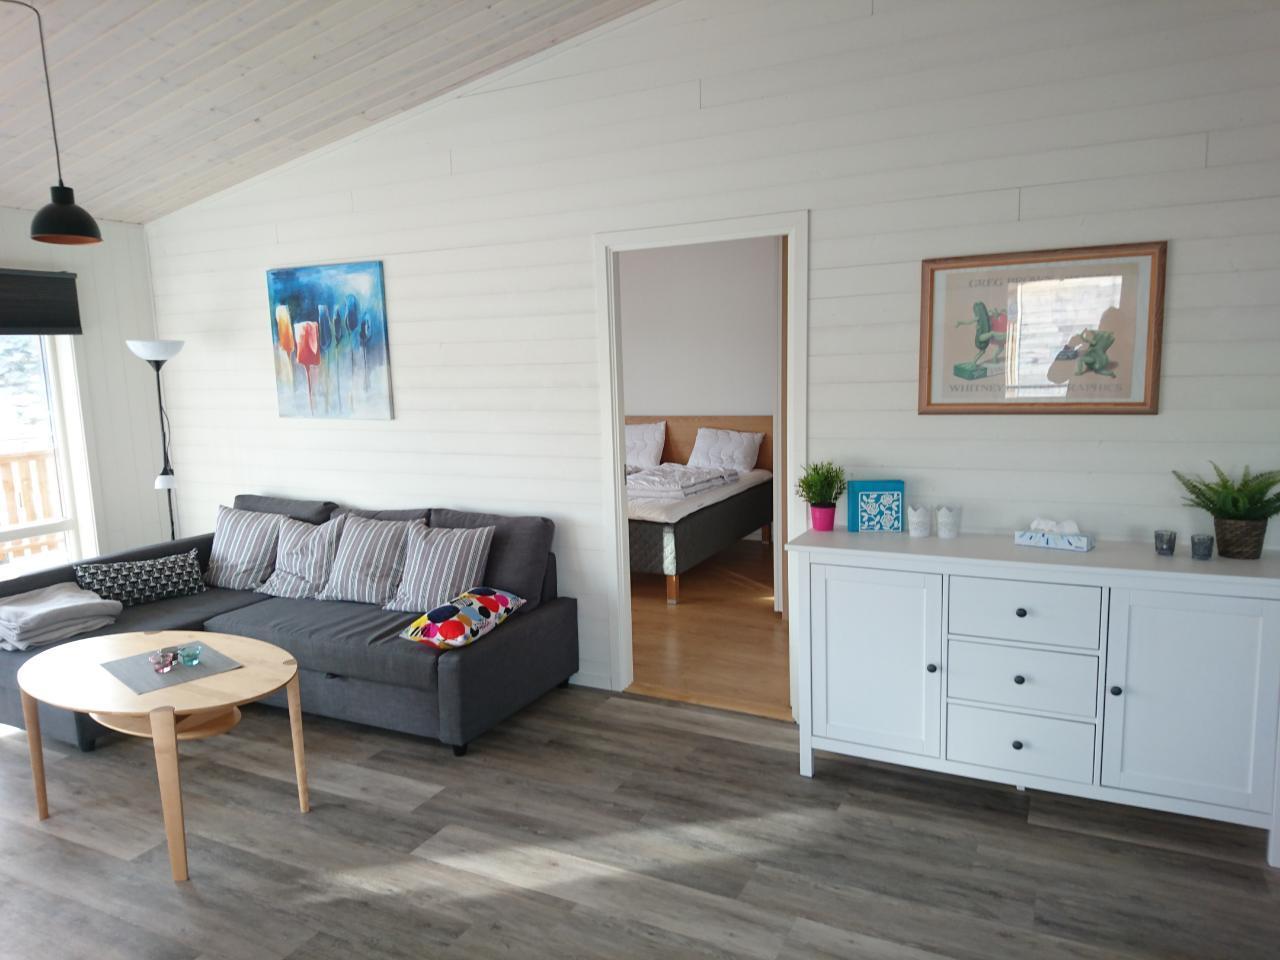 Ferienhaus Haus am Dalslandkanal/ See Laxsjön (2549266), Dals Långed, Västra Götaland län, Westschweden, Schweden, Bild 4